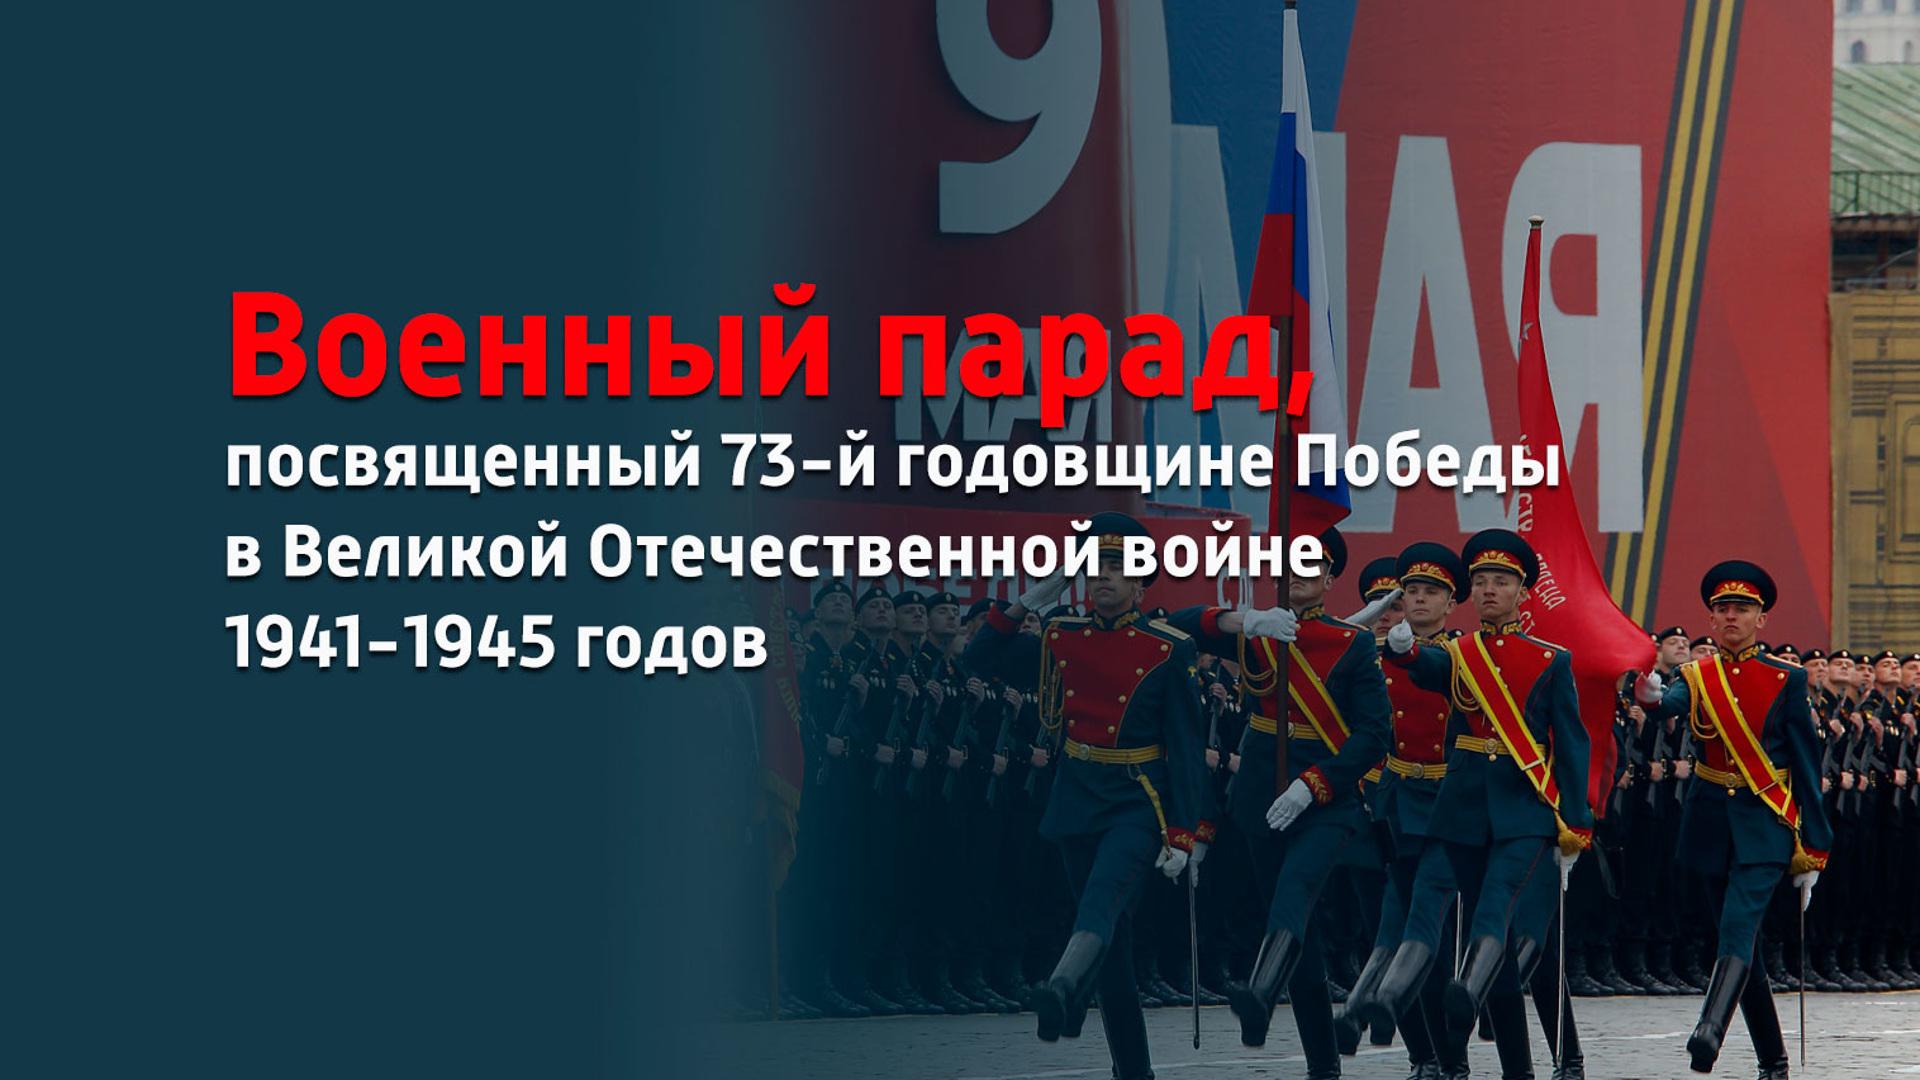 Военный парад, посвященный 73-й годовщине Победы в Великой Отечественной войне 1941-1945 годов